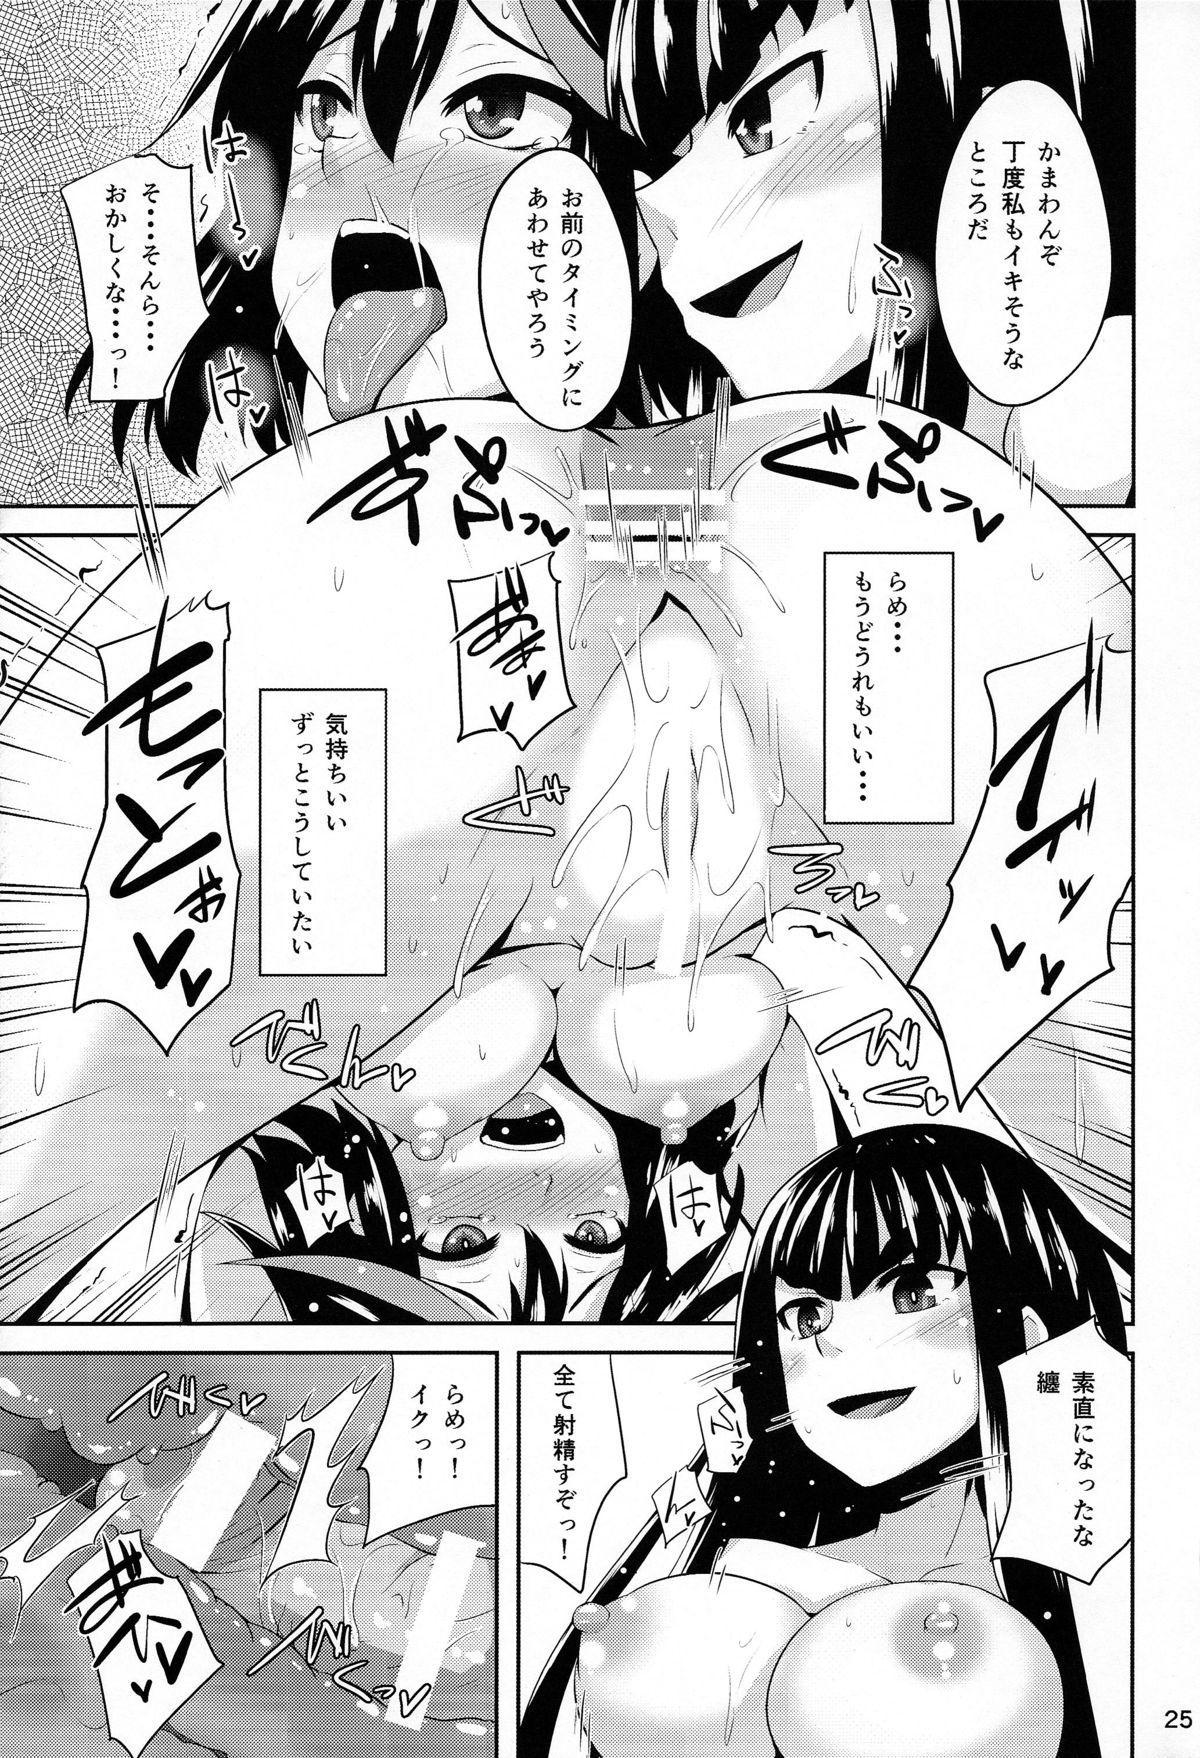 Satsuki-Ryu 24